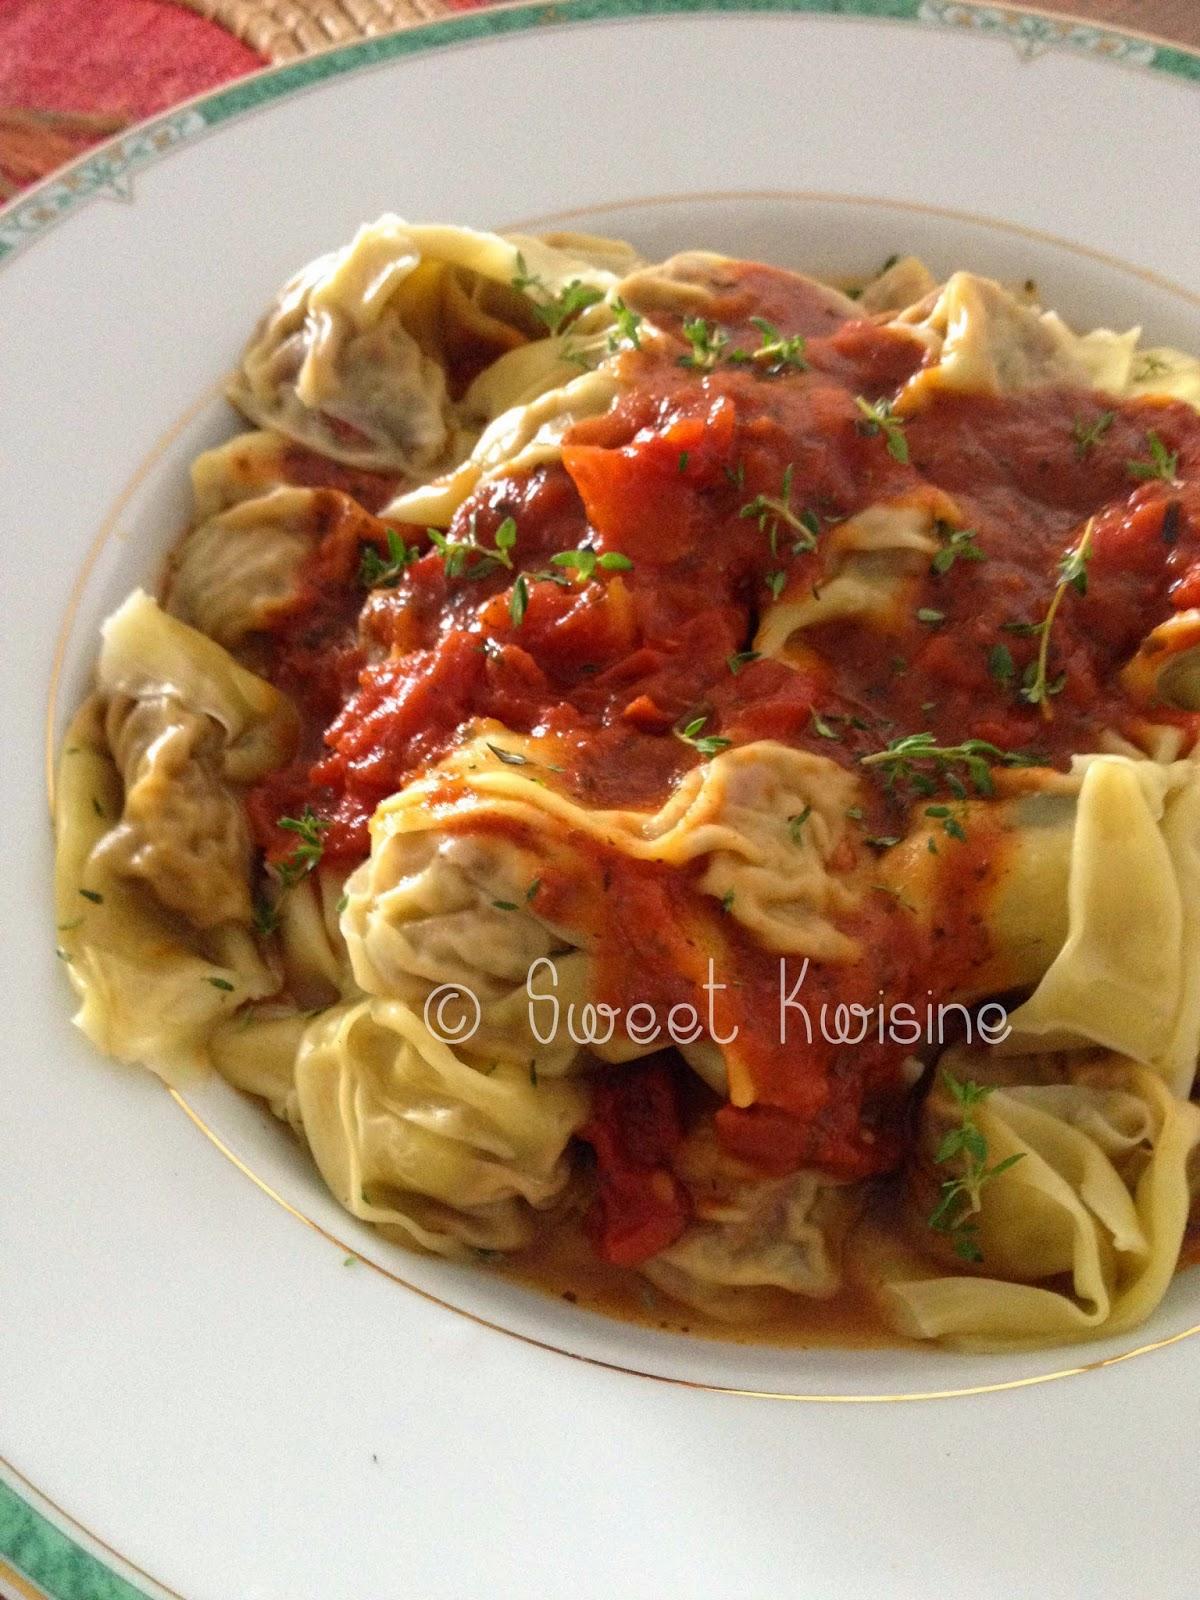 sweet kwisine, pâtes, raviolis, aubergines, végétarien, tomates, parmesan